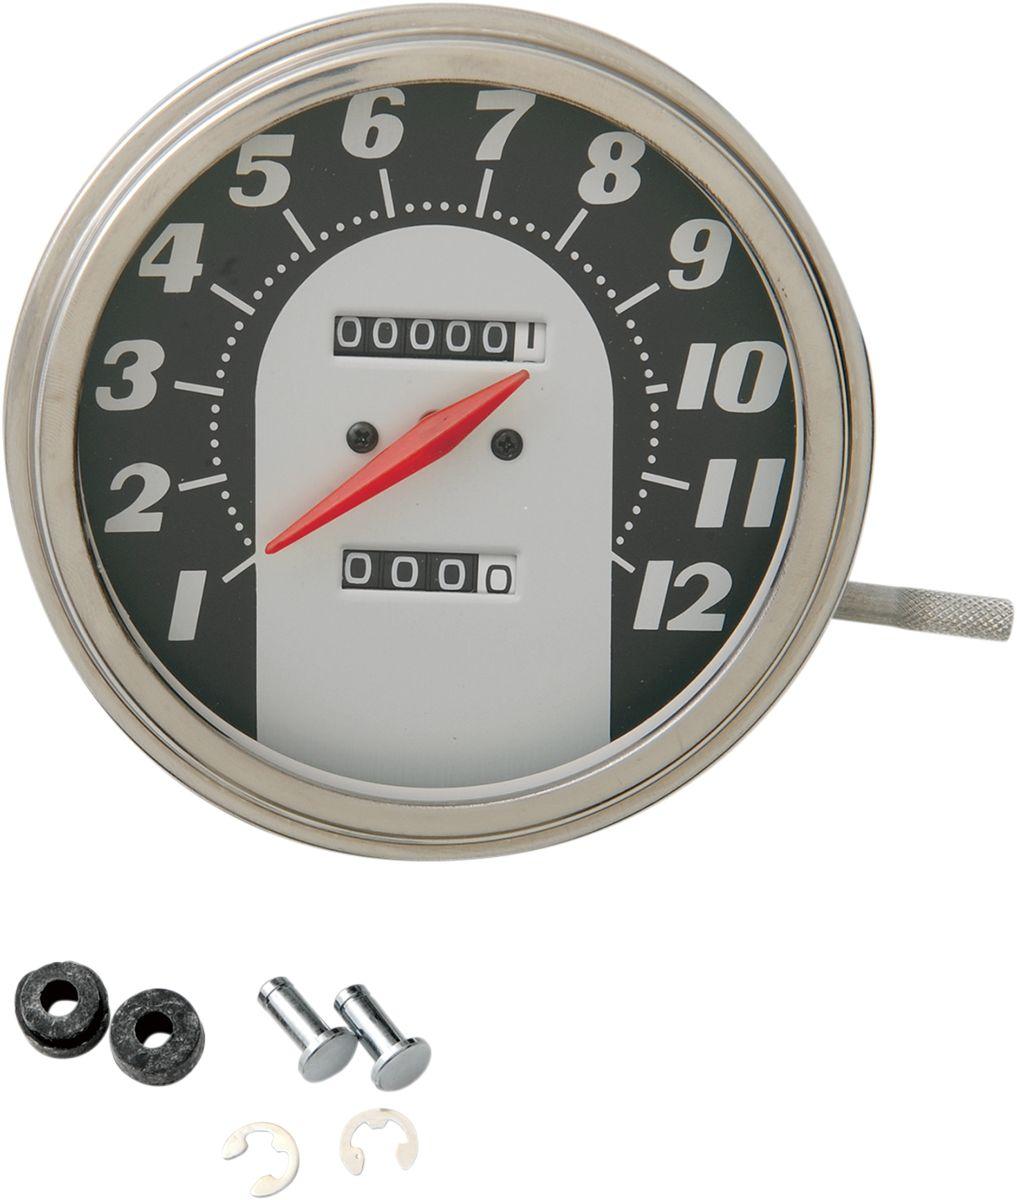 【Drag Specialties】1:1 62-67 速度表/ 5/8-18 【1:1 62-67 SPEEDO 5/8-18 [DS-243883]】 - 「Webike-摩托百貨」